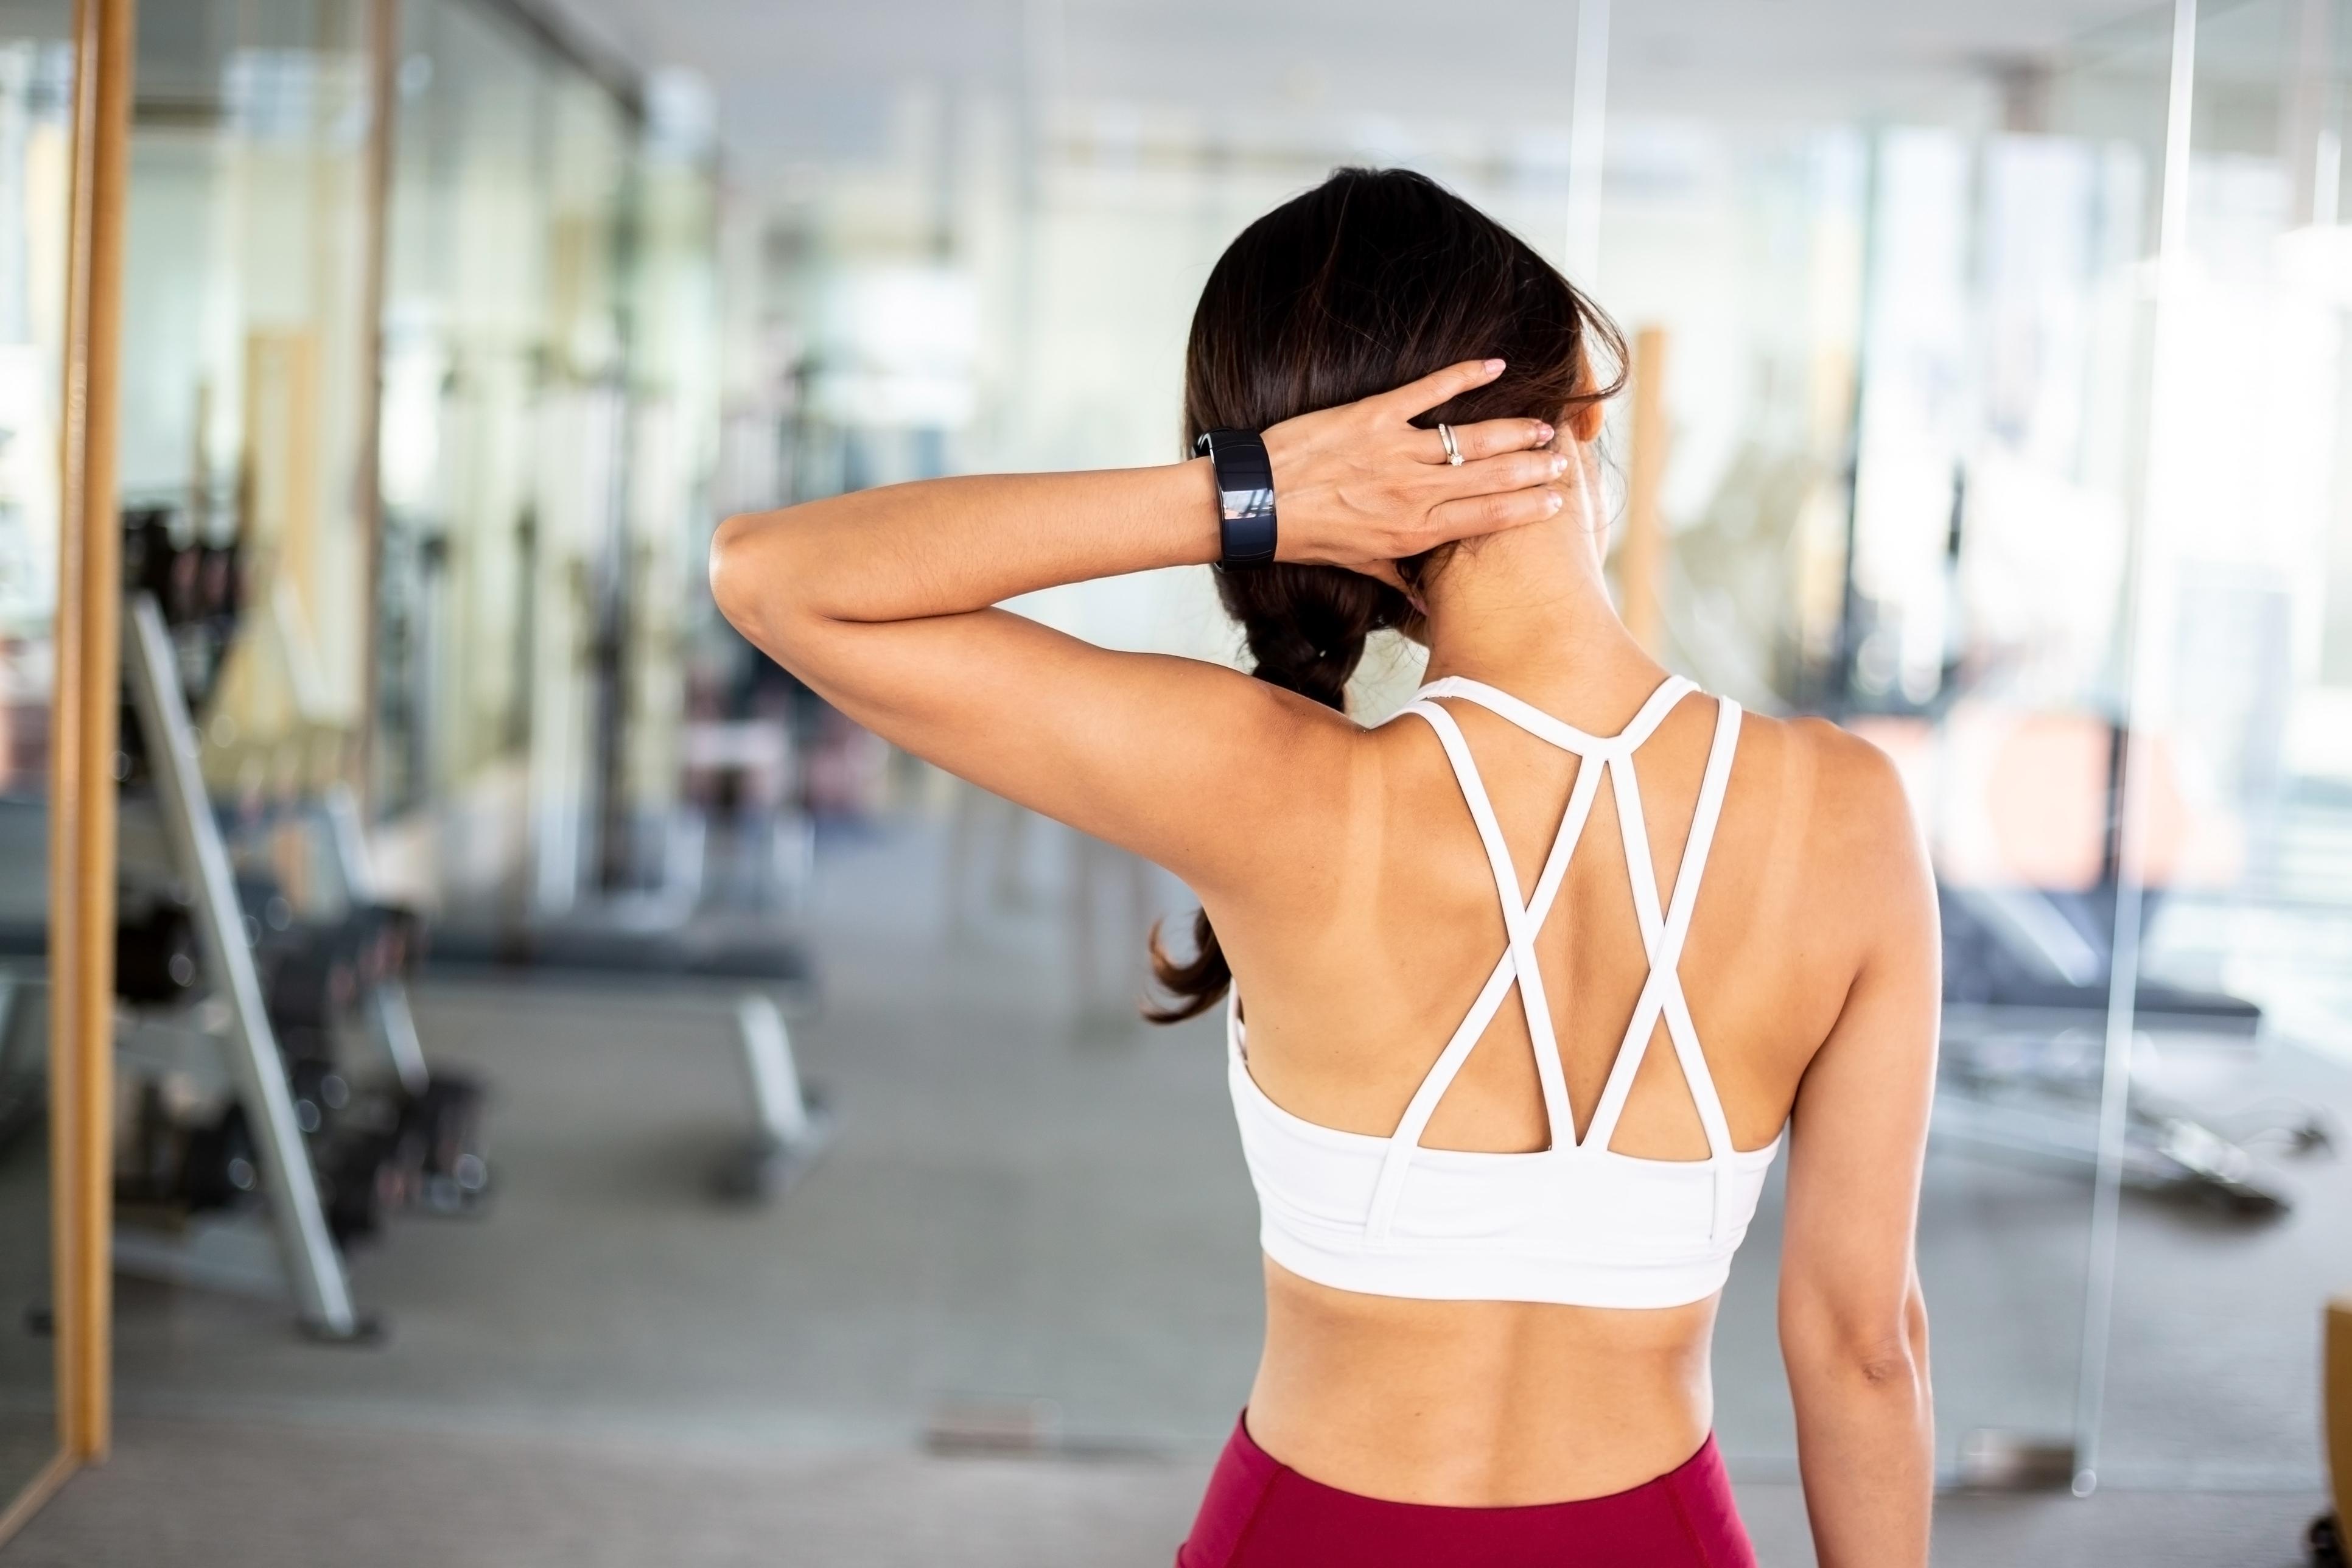 Як накачати шию: поради та тренування для правильного результату